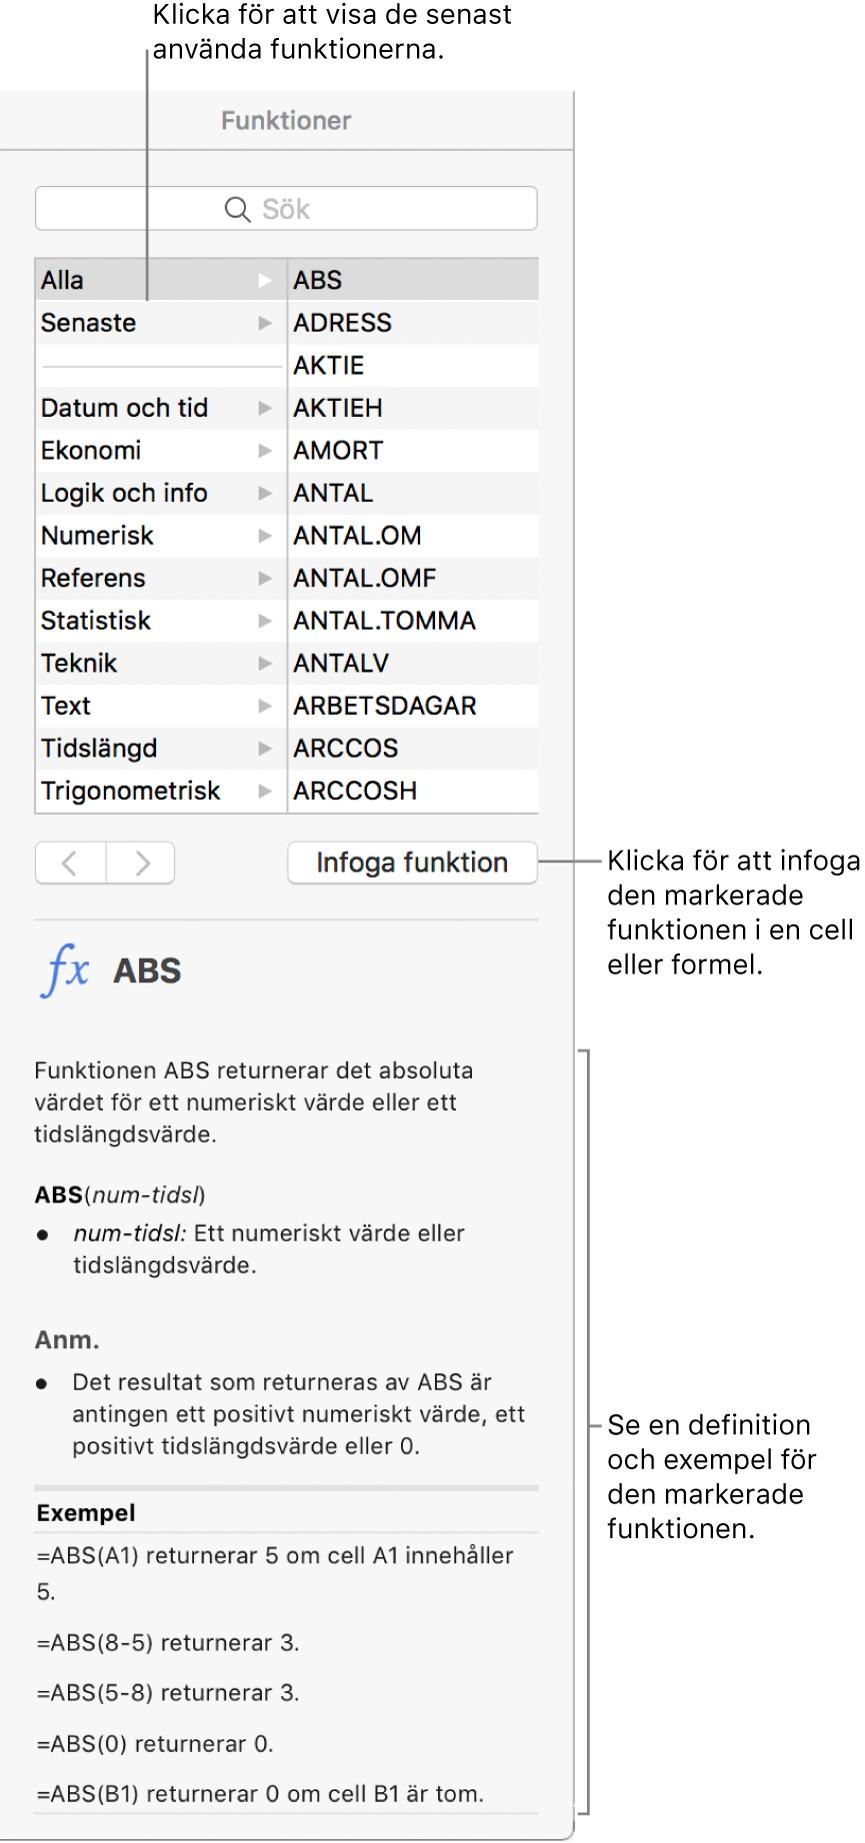 Funktionsbläddraren med linjer som pekar på senast använda funktioner, knappen Infoga funktion och funktionsdefinitionen.